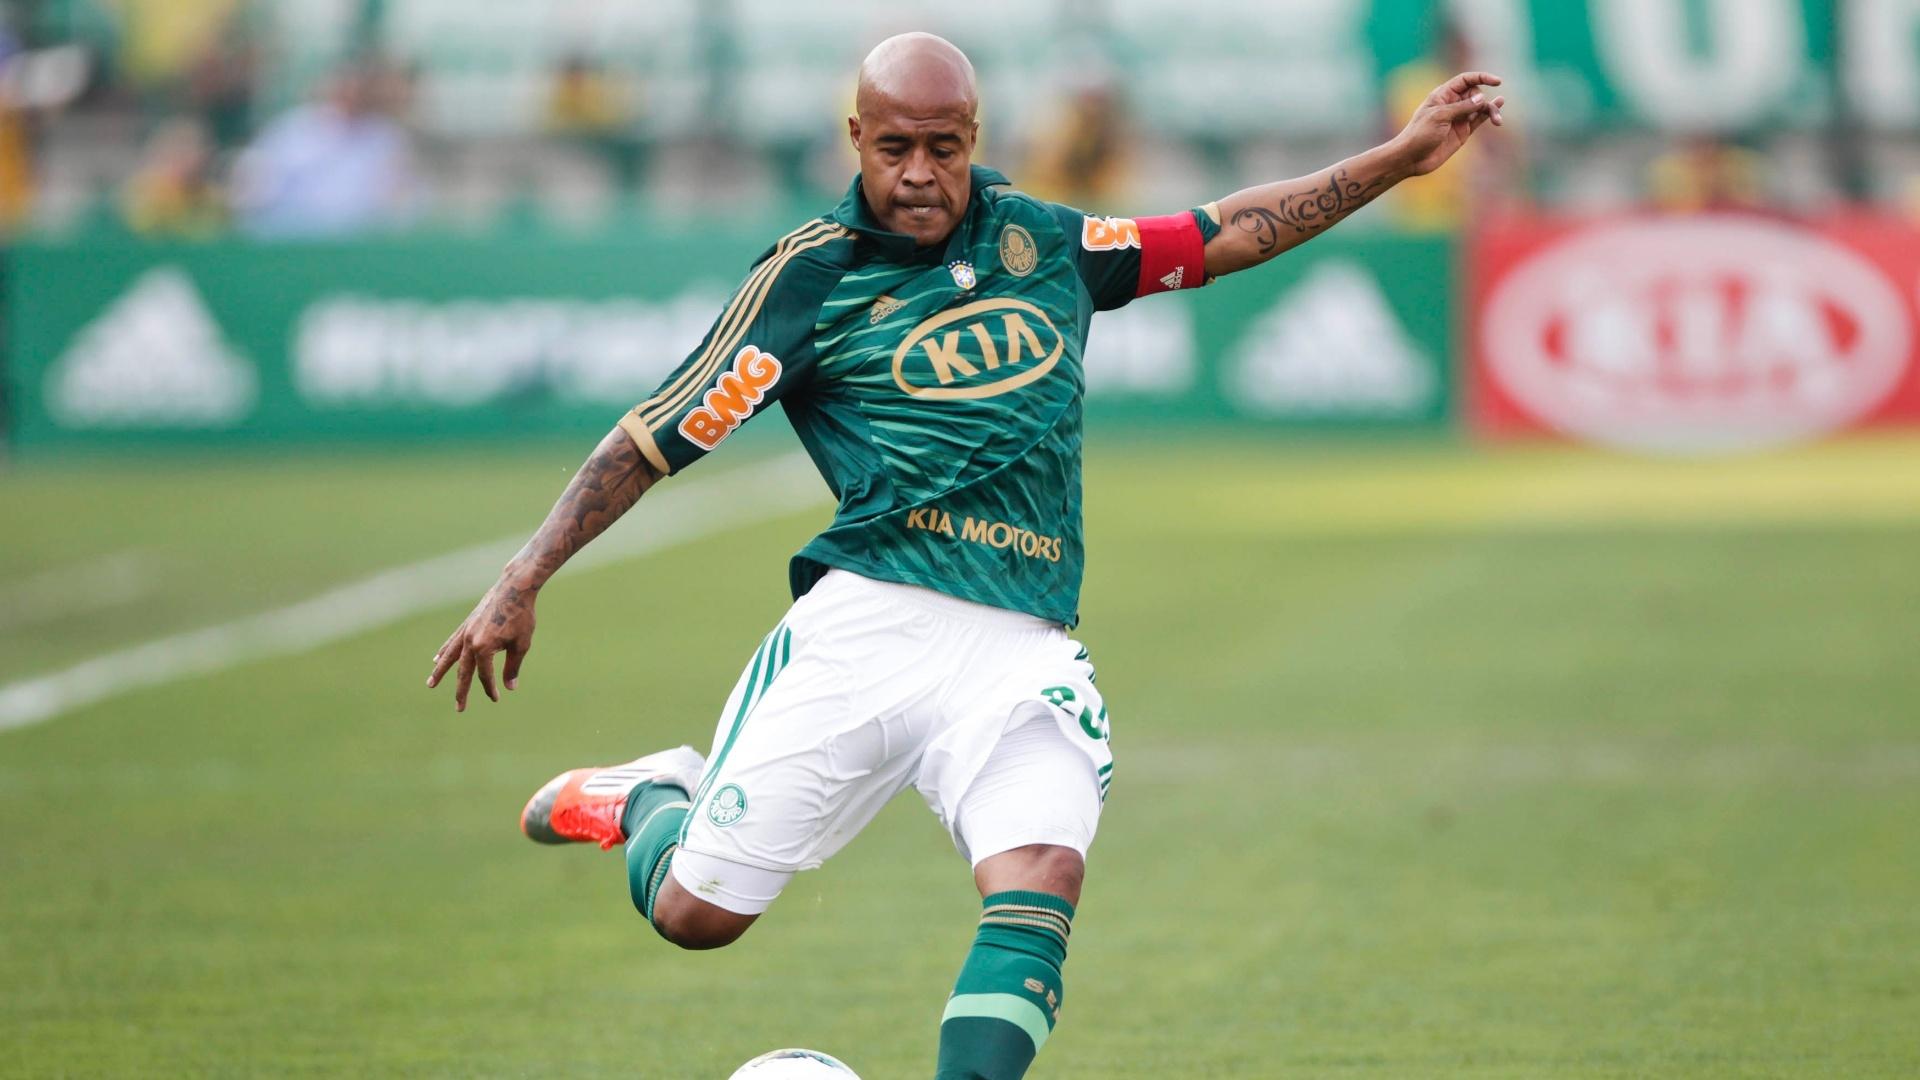 Marcos Assunção cobra falta durante clássico contra o Corinthians no Pacaembu